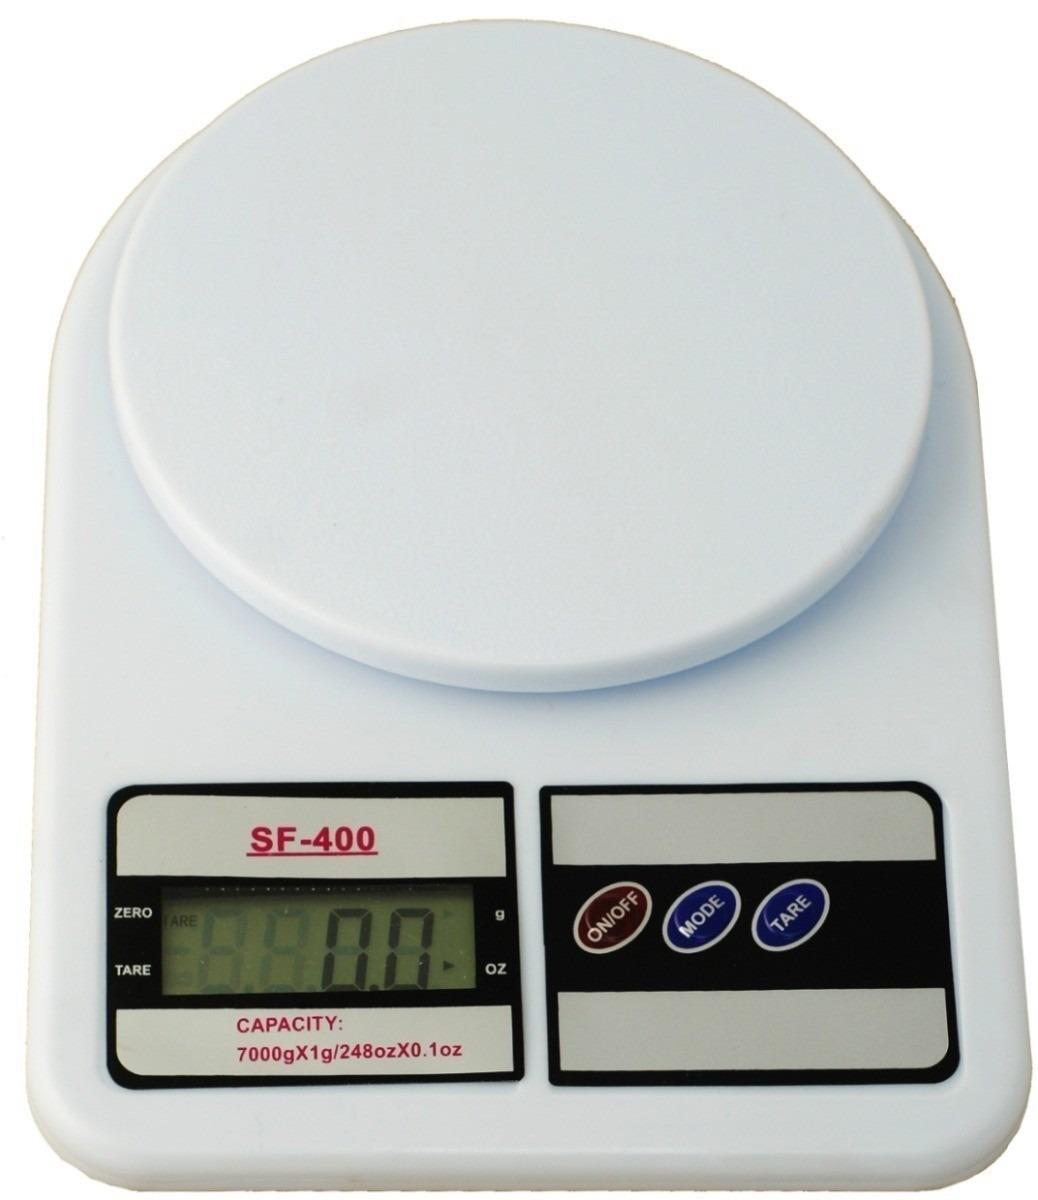 Balança Digital Eletrônica Até 7 Kg De Precisão Em Curitiba R$  #505B3A 1038x1200 Balança Digital Banheiro Worker